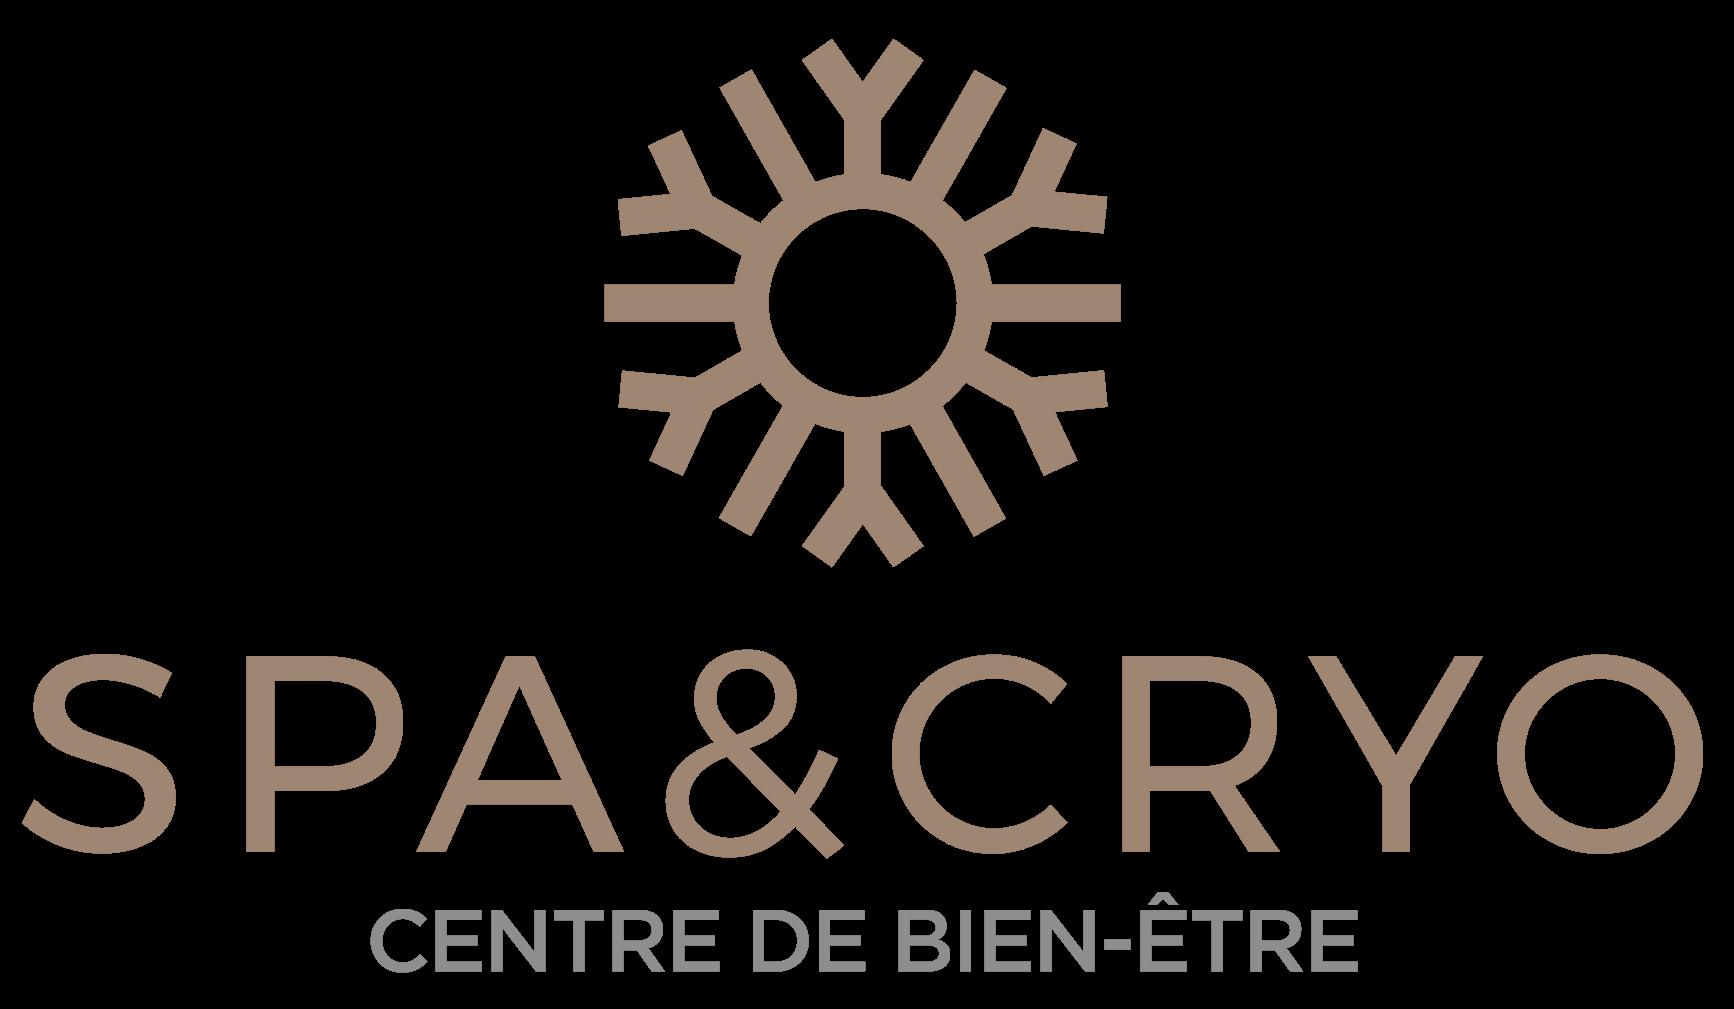 Spa & Cryo – Centre de bien-être